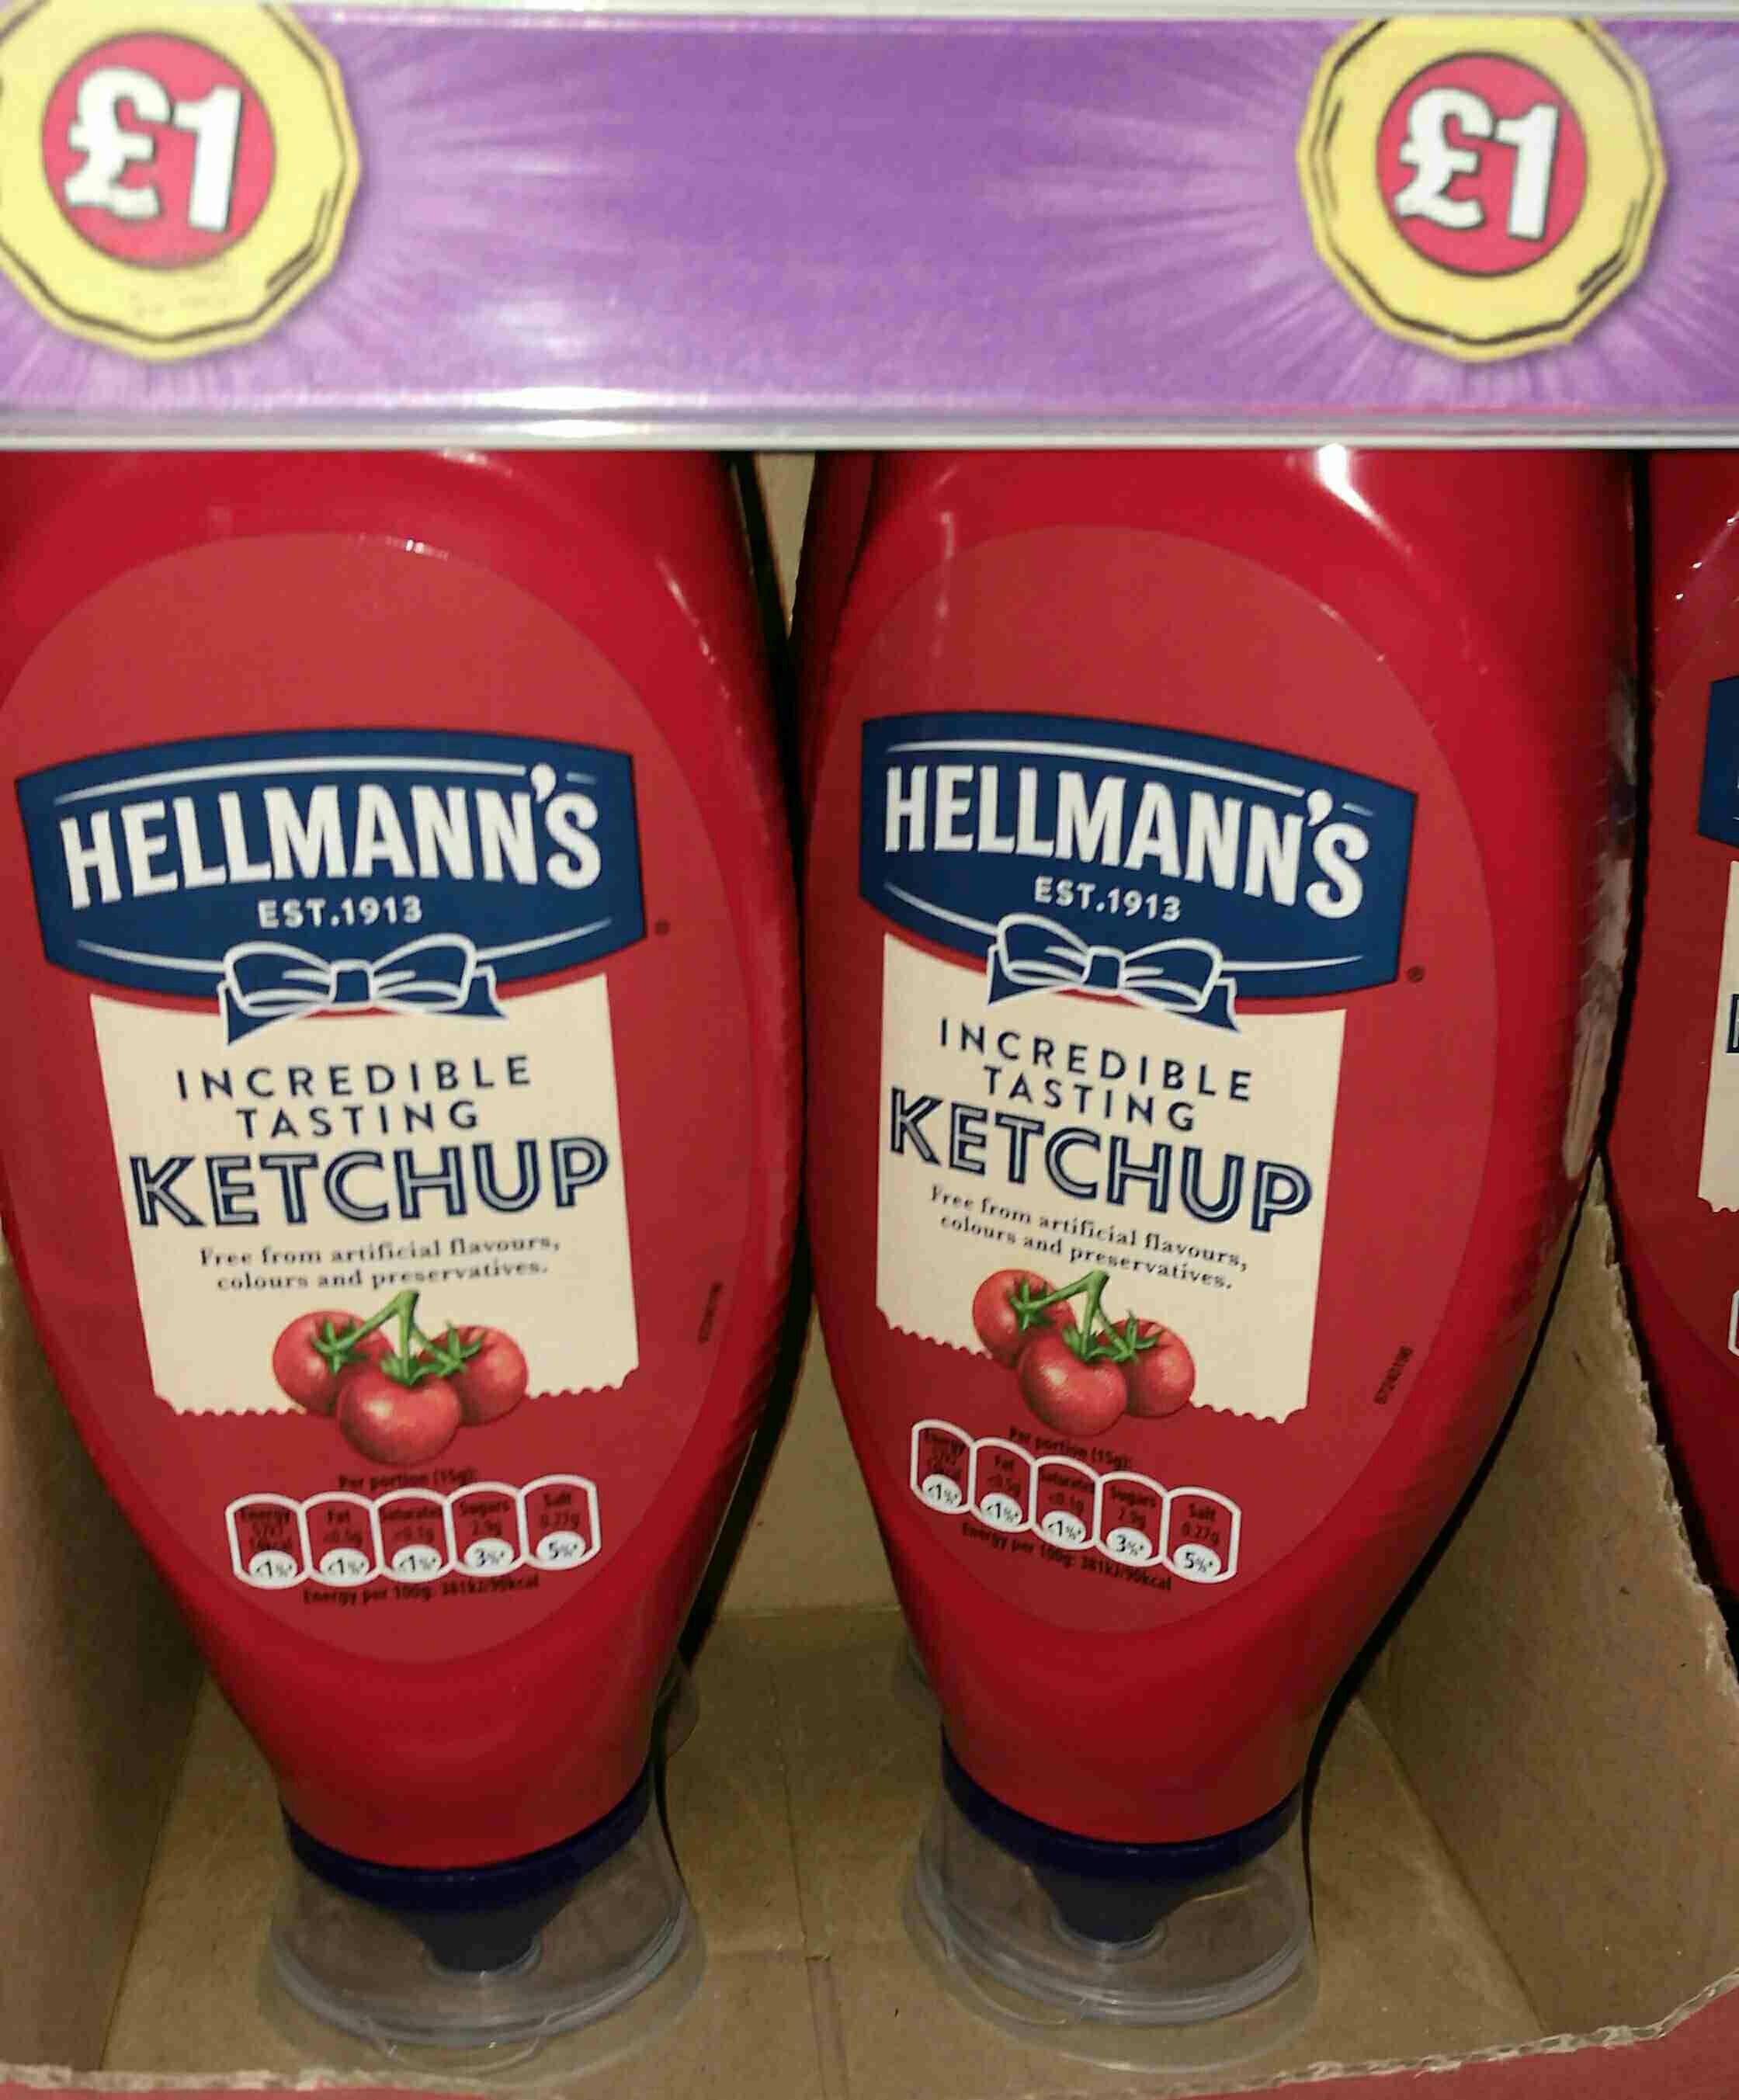 Poundland: Hellmans Incredible Tasting ketchup 800g £1.00